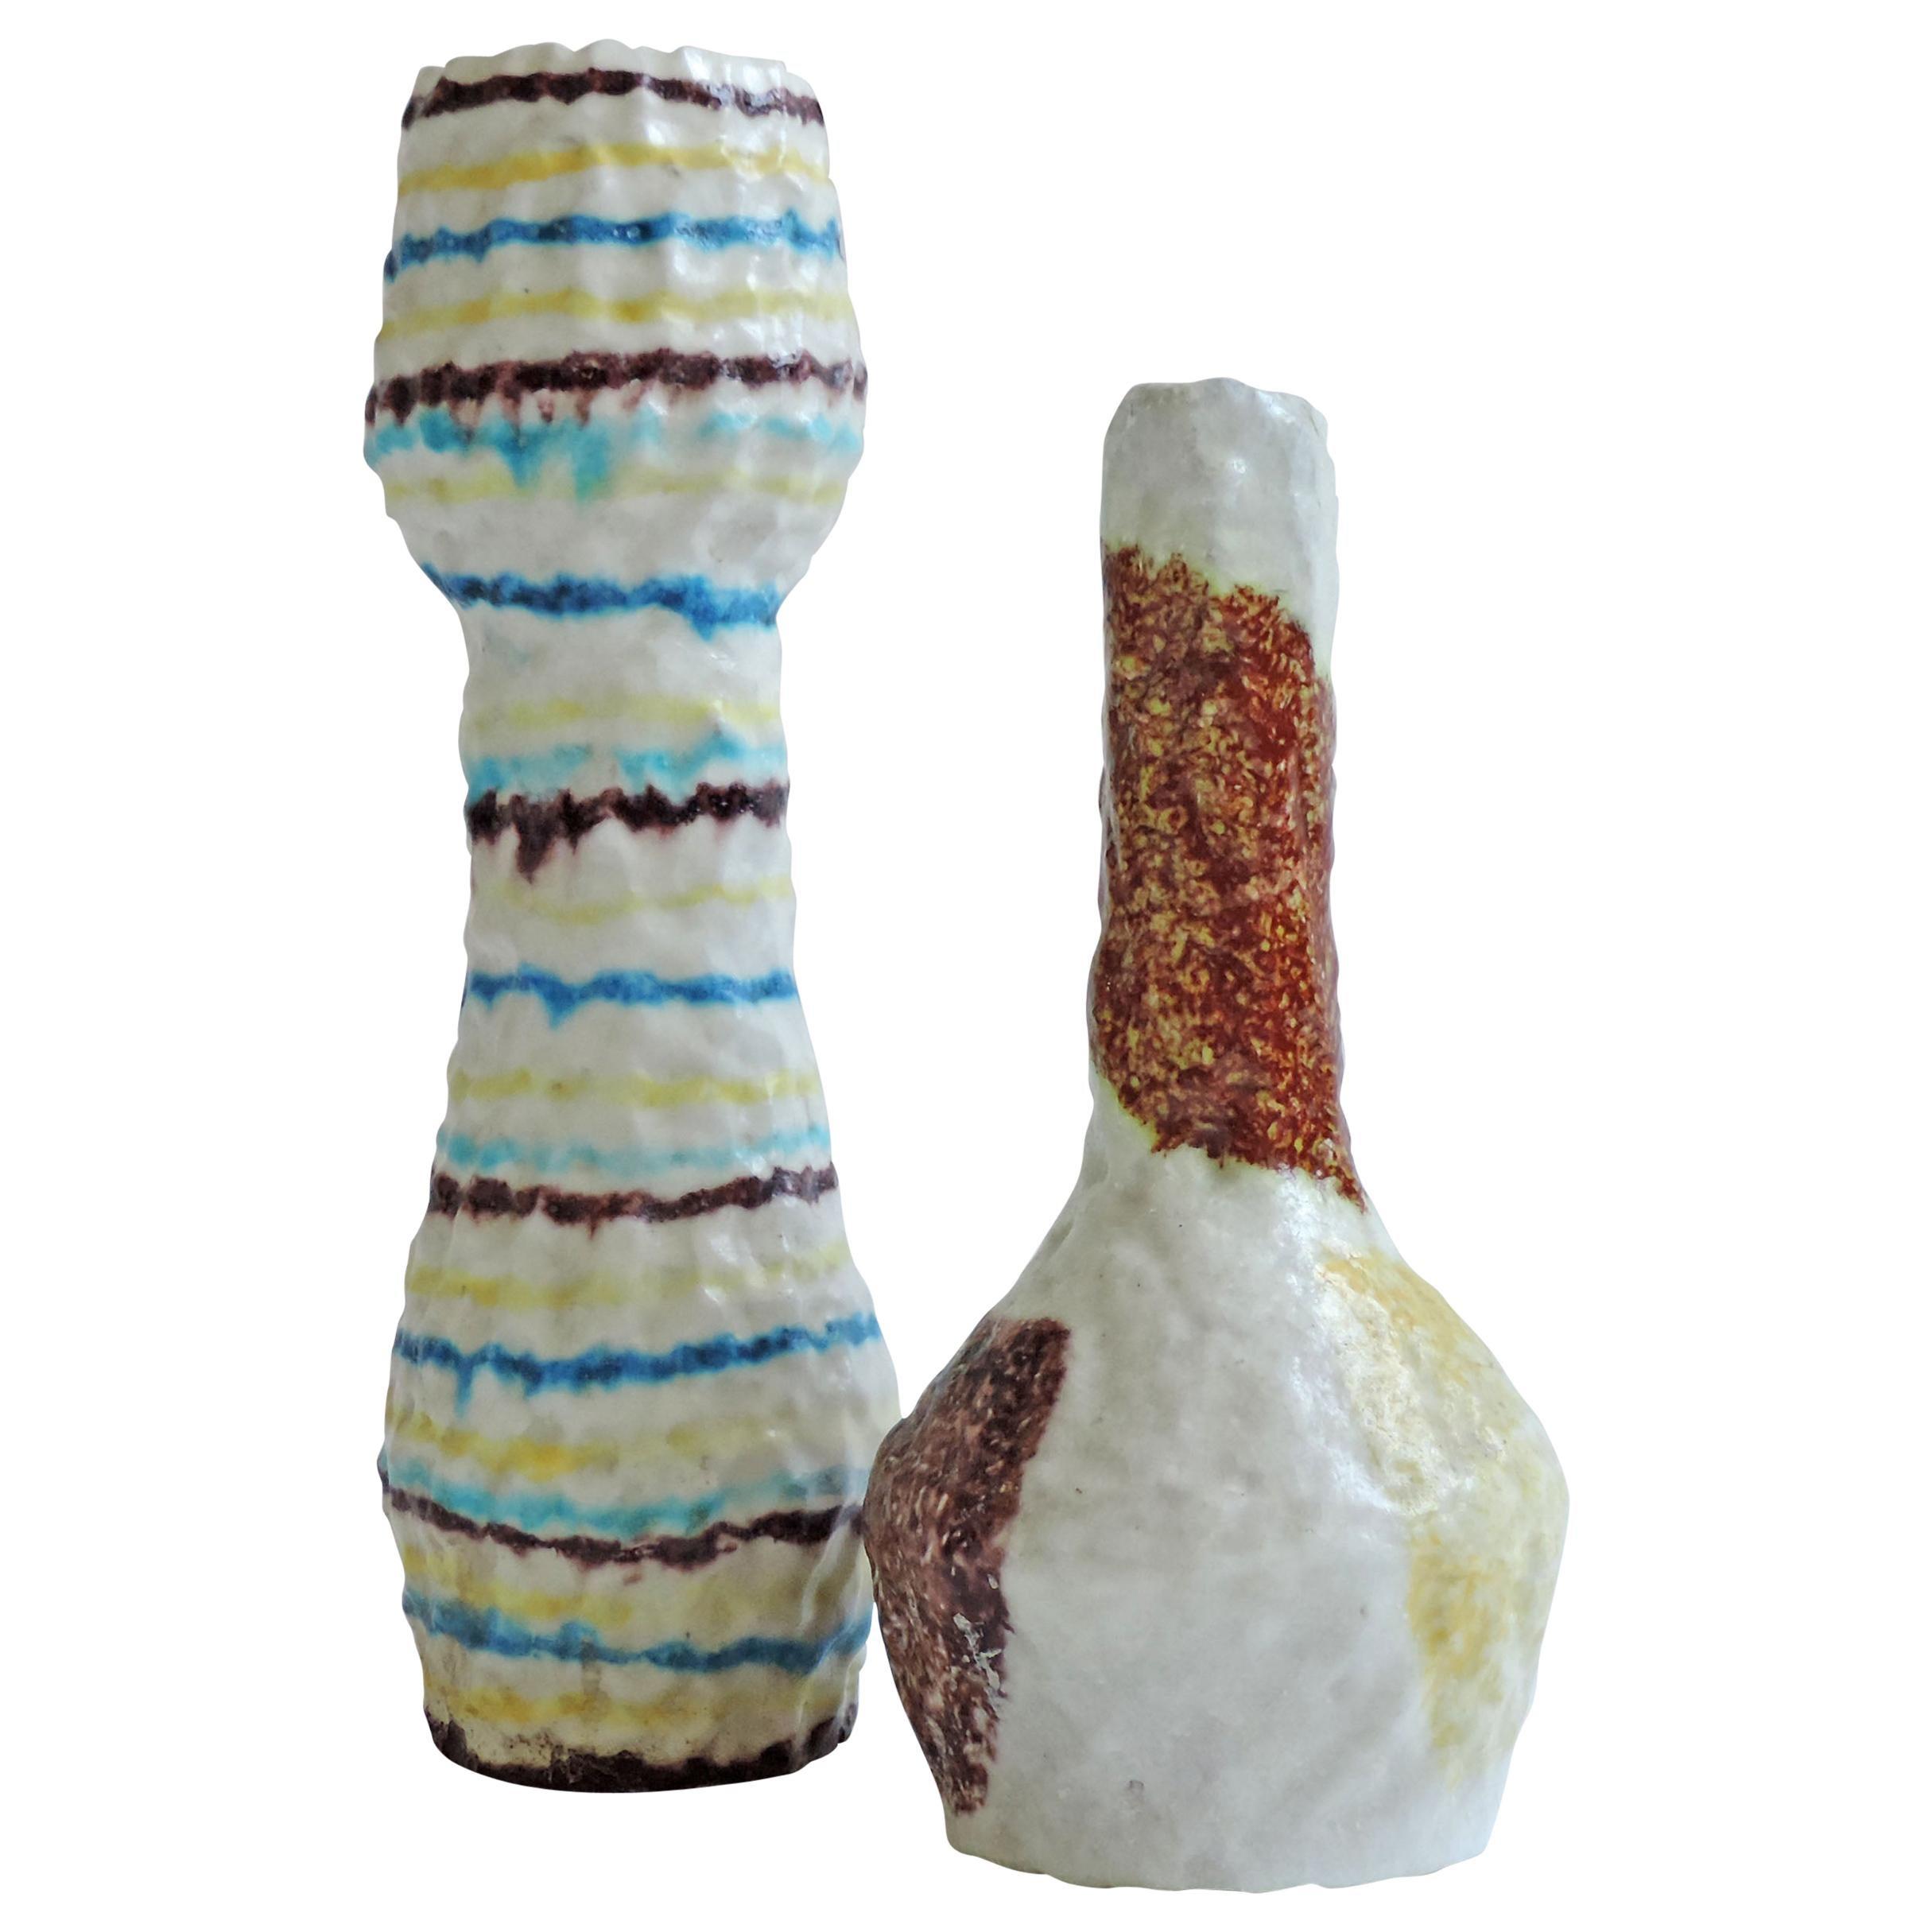 Claudio Ferri Ceramic Vase, Italy, 1950s